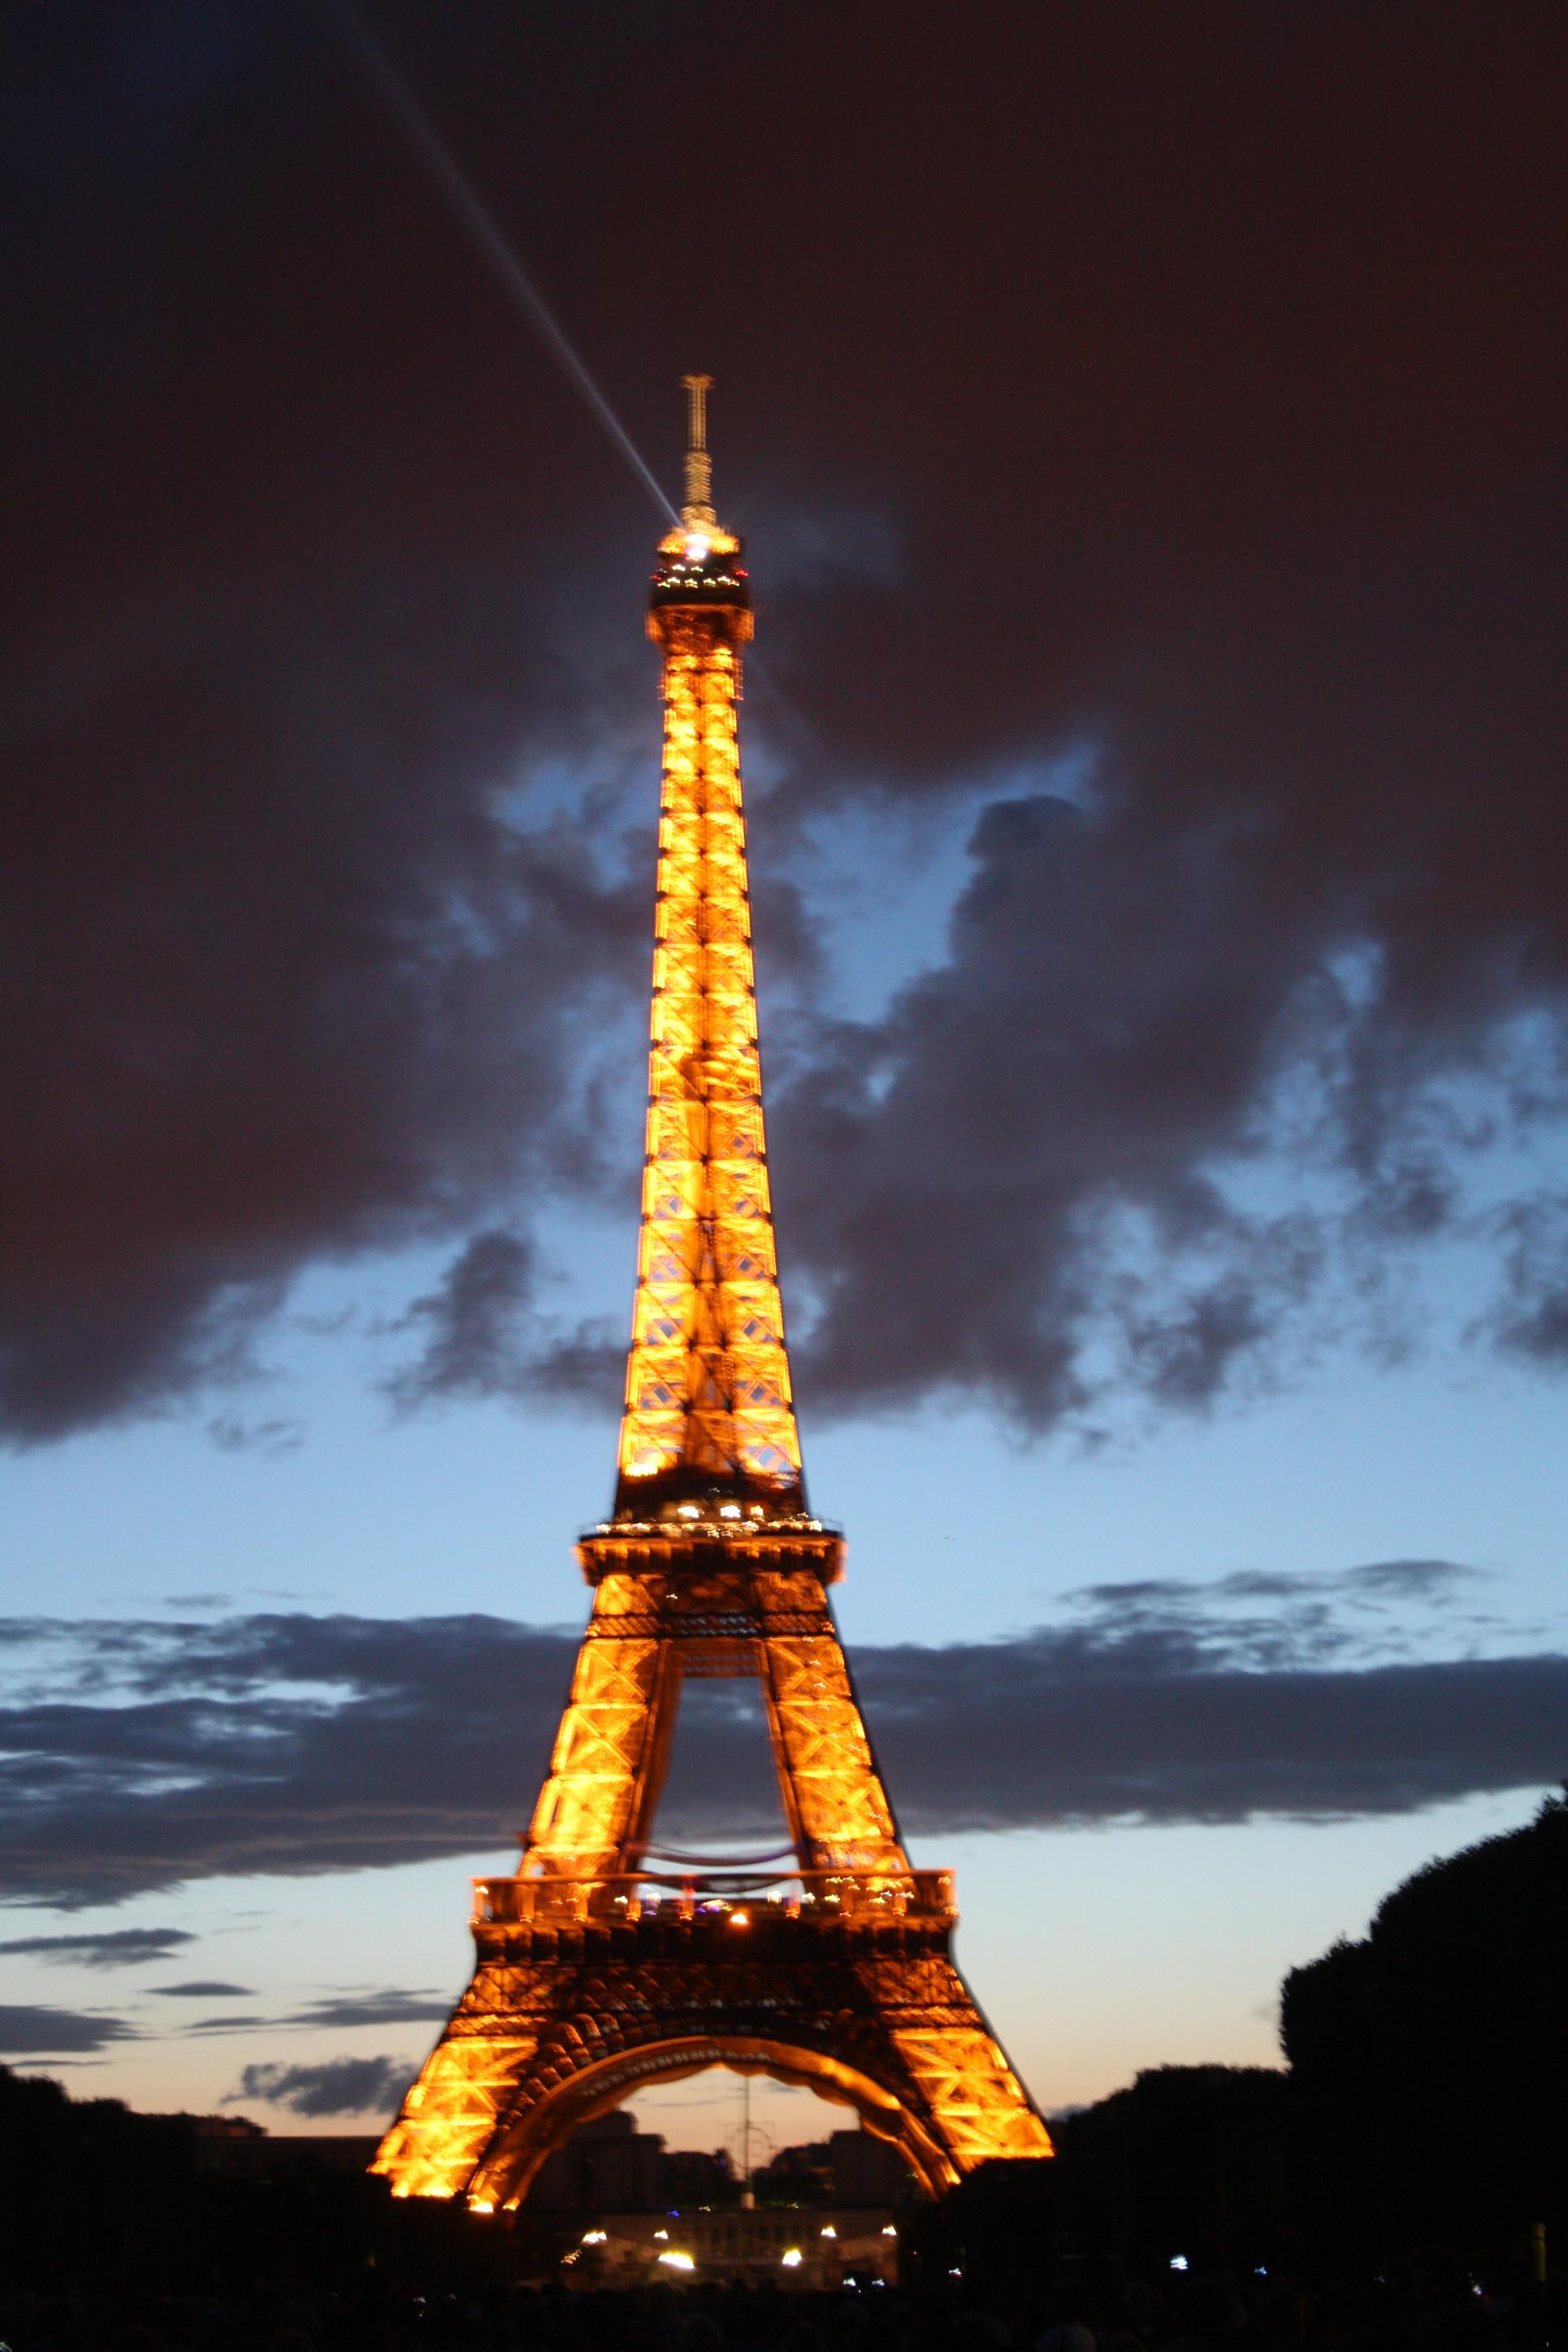 Eiffel tower - July 14th - 2